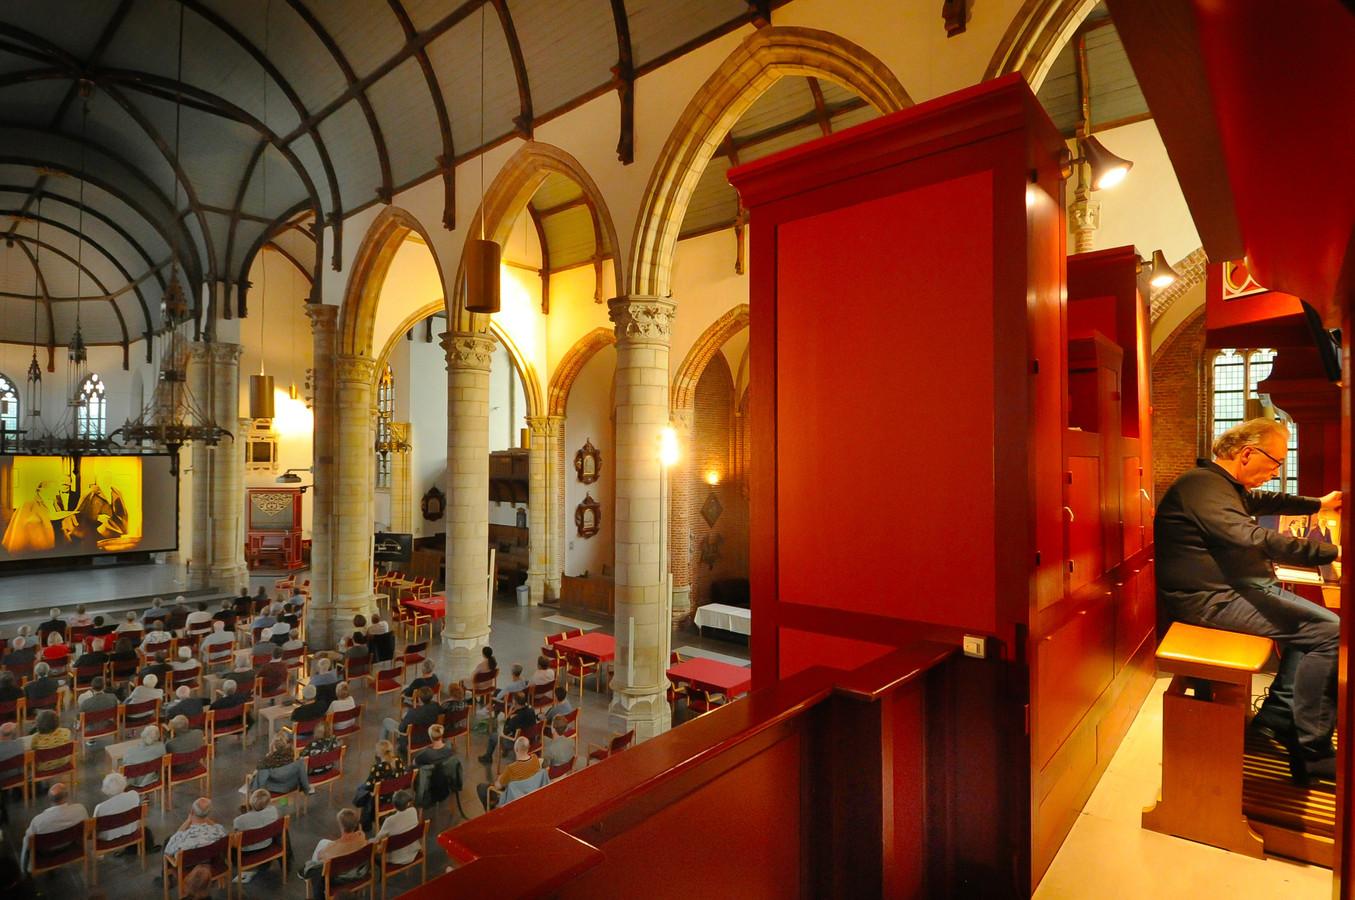 Bezoekers in de kerk zien op een groot scherm The Phantom of the Opera. Voor hen onzichtbaar zorgt organist Geert Bierling voor muzikale begeleiding.